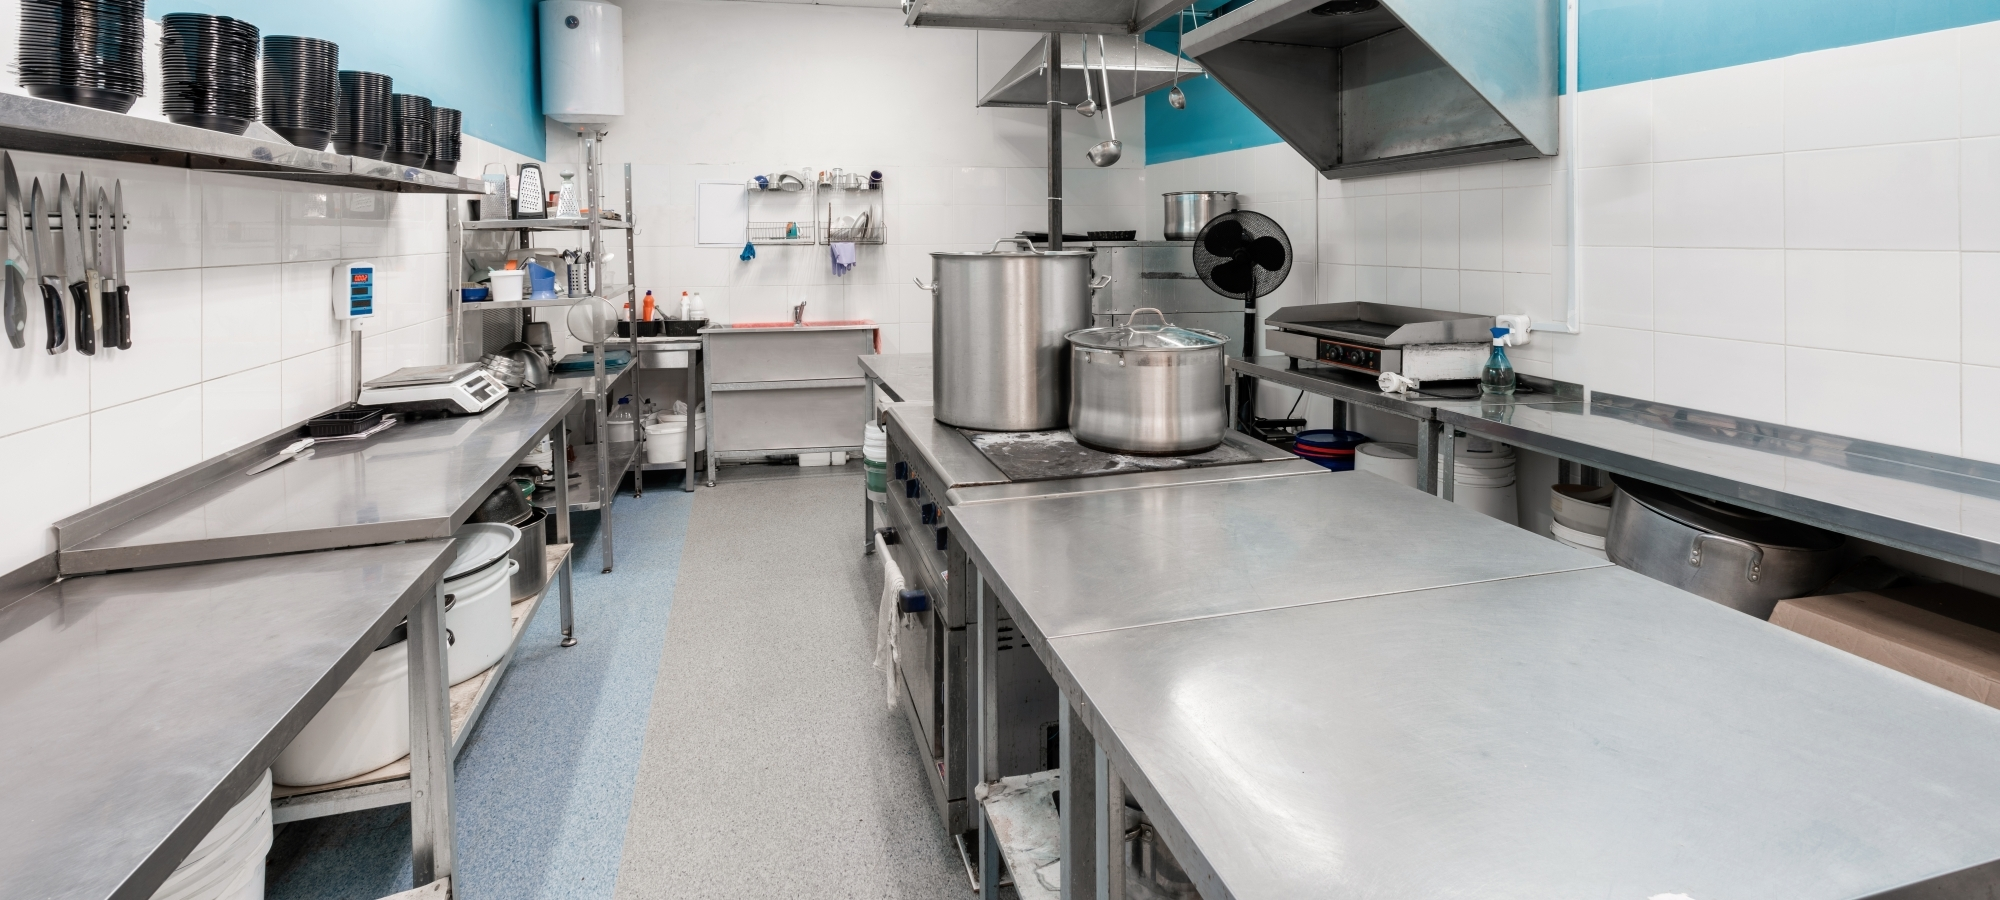 Küchen-Gastronomie – schnell und effektiv